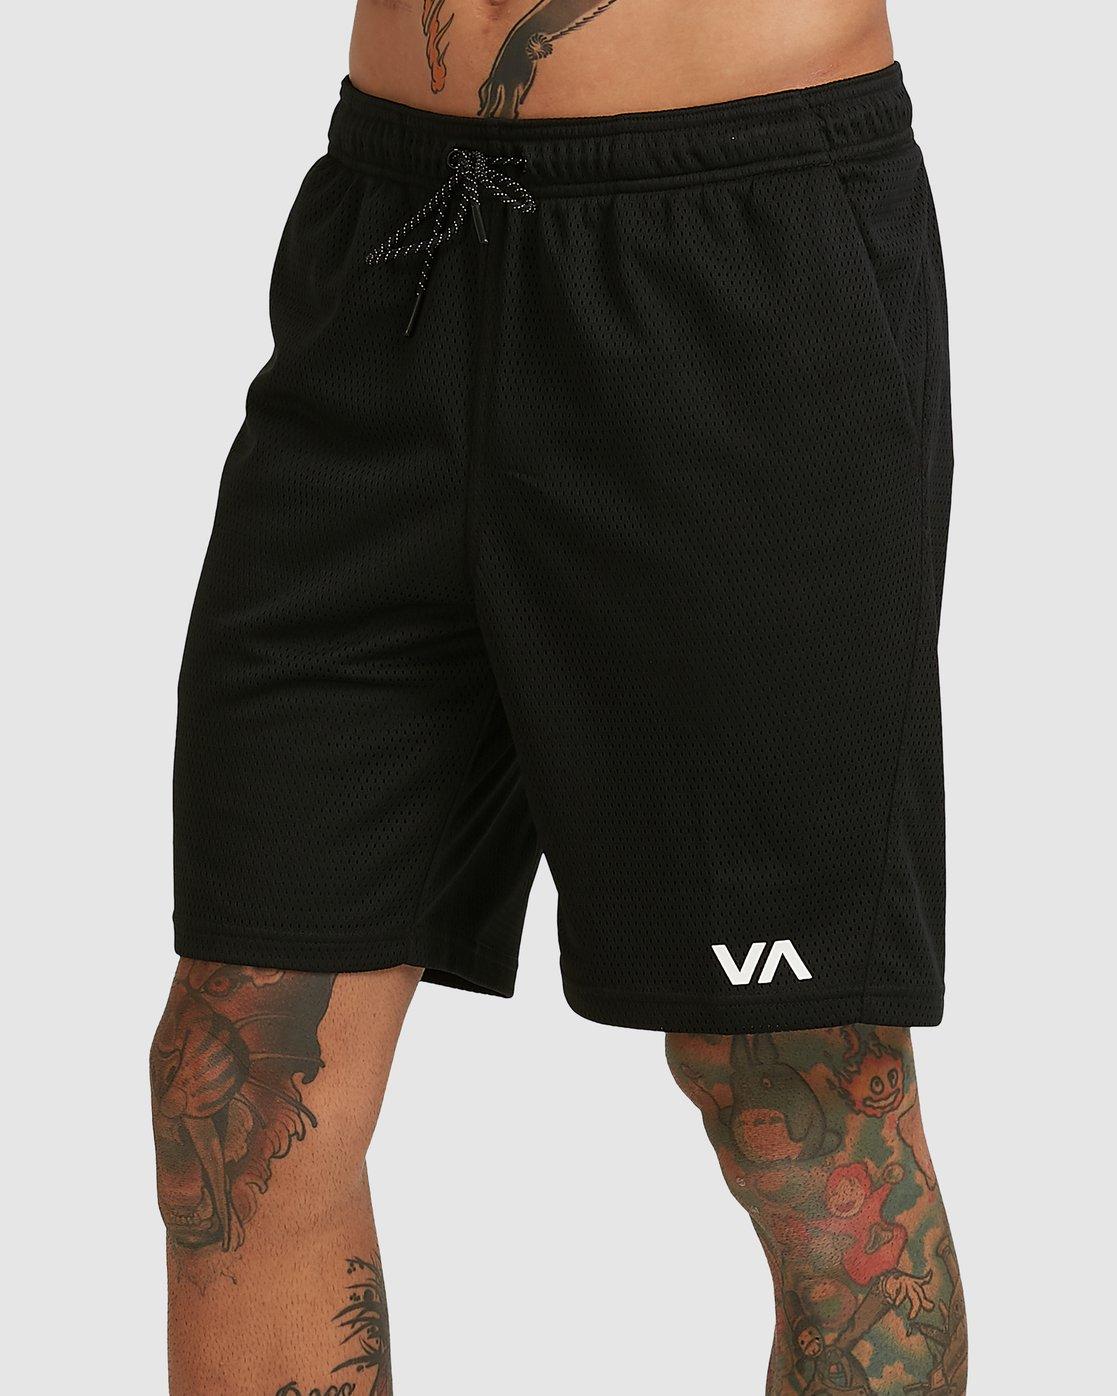 0 VA MESH SHORTS Black R305311 RVCA